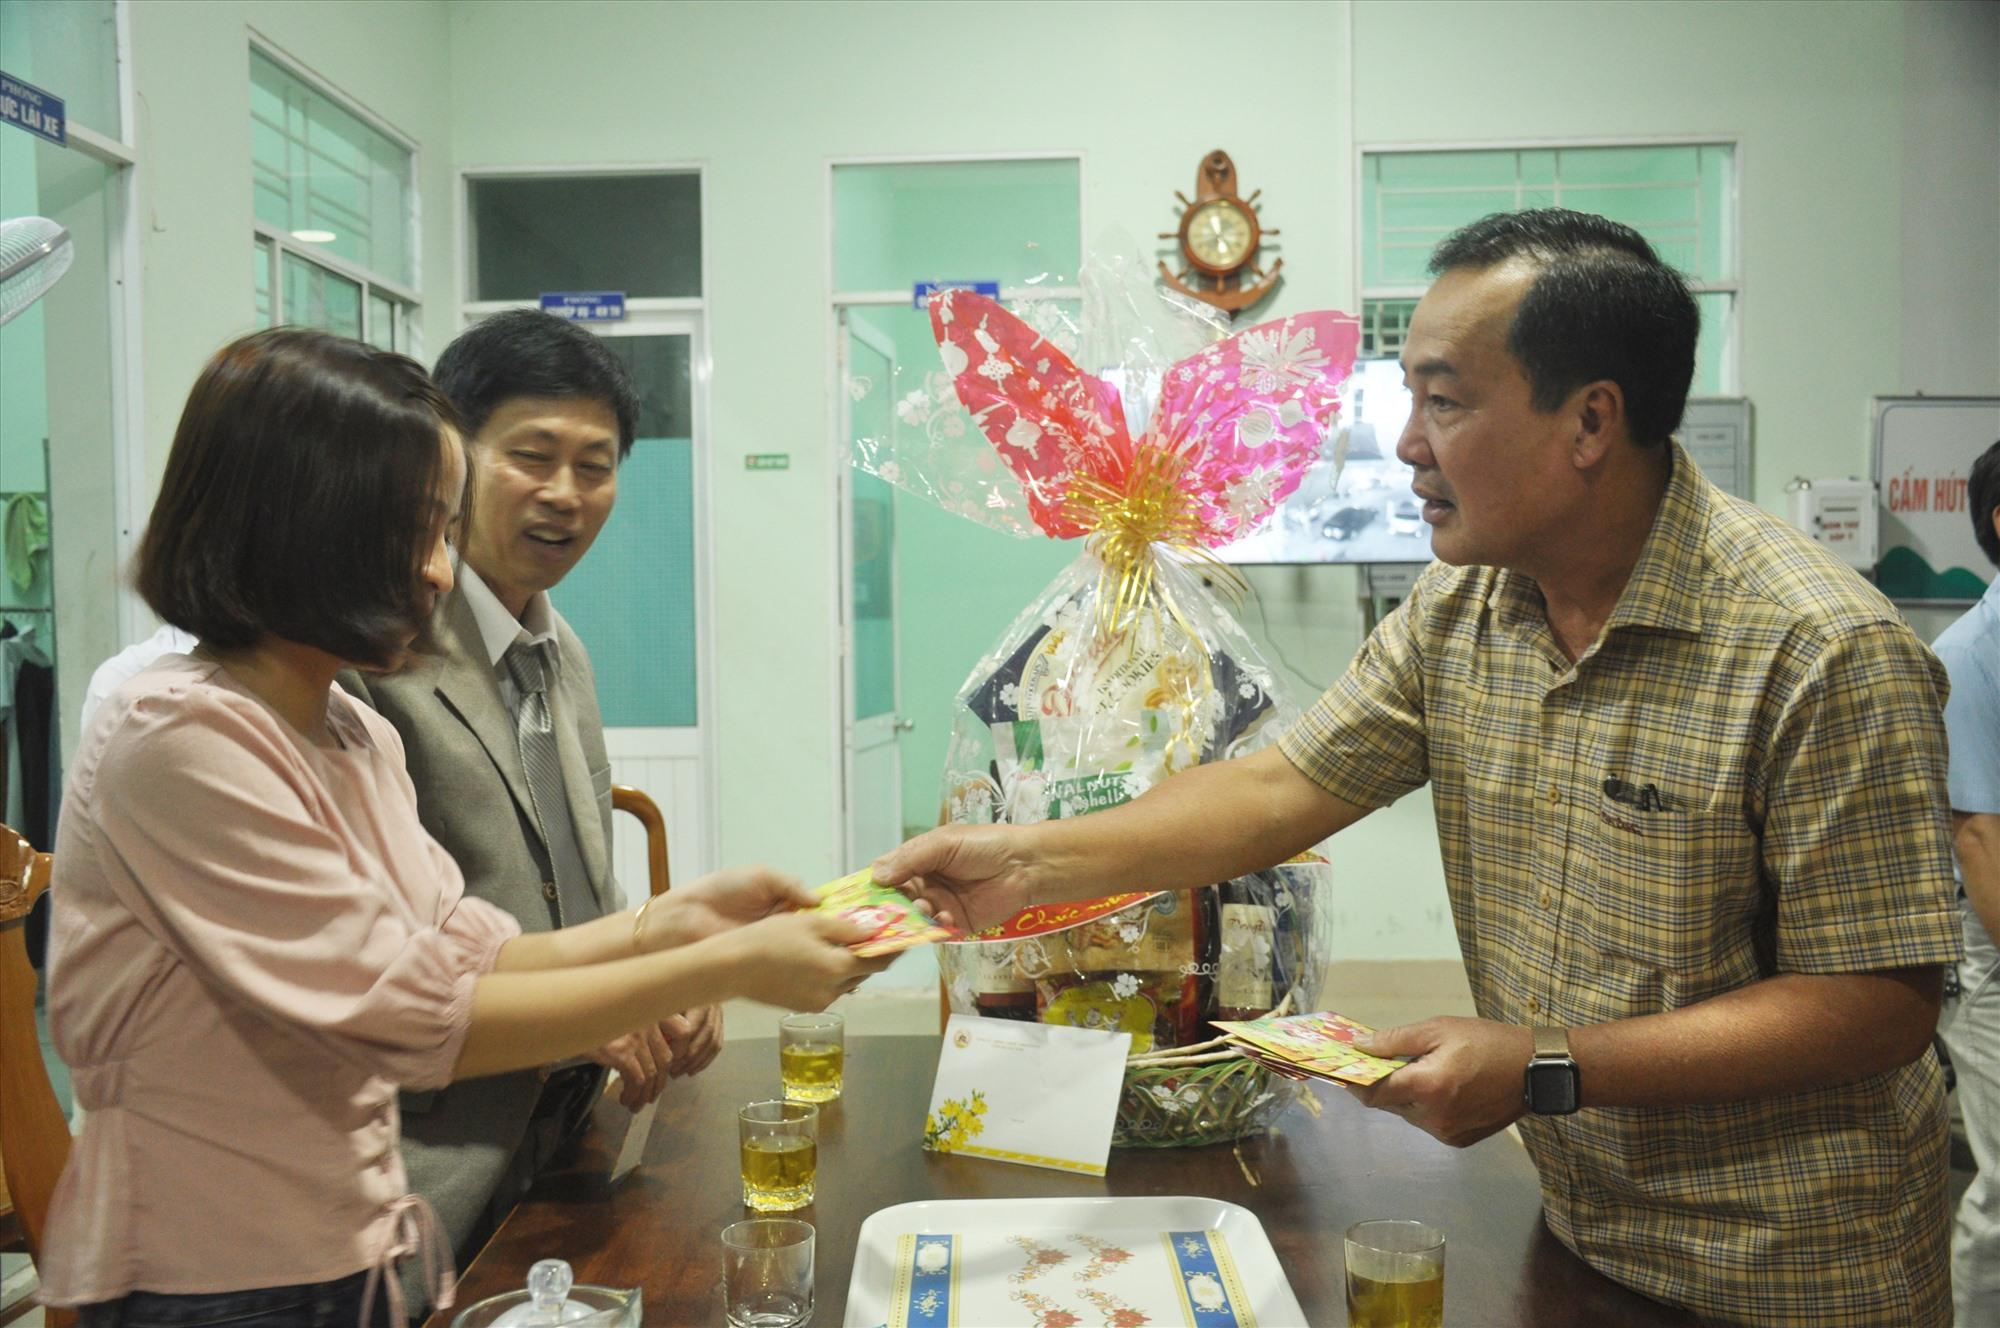 Phó Chủ tịch Thường trực UBND tỉnh Huỳnh Khánh Toàn lì xì chúc mừng năm mới y bác sĩ, nhân viên Trung tâm Cấp cứu 115. Ảnh: N.Đ